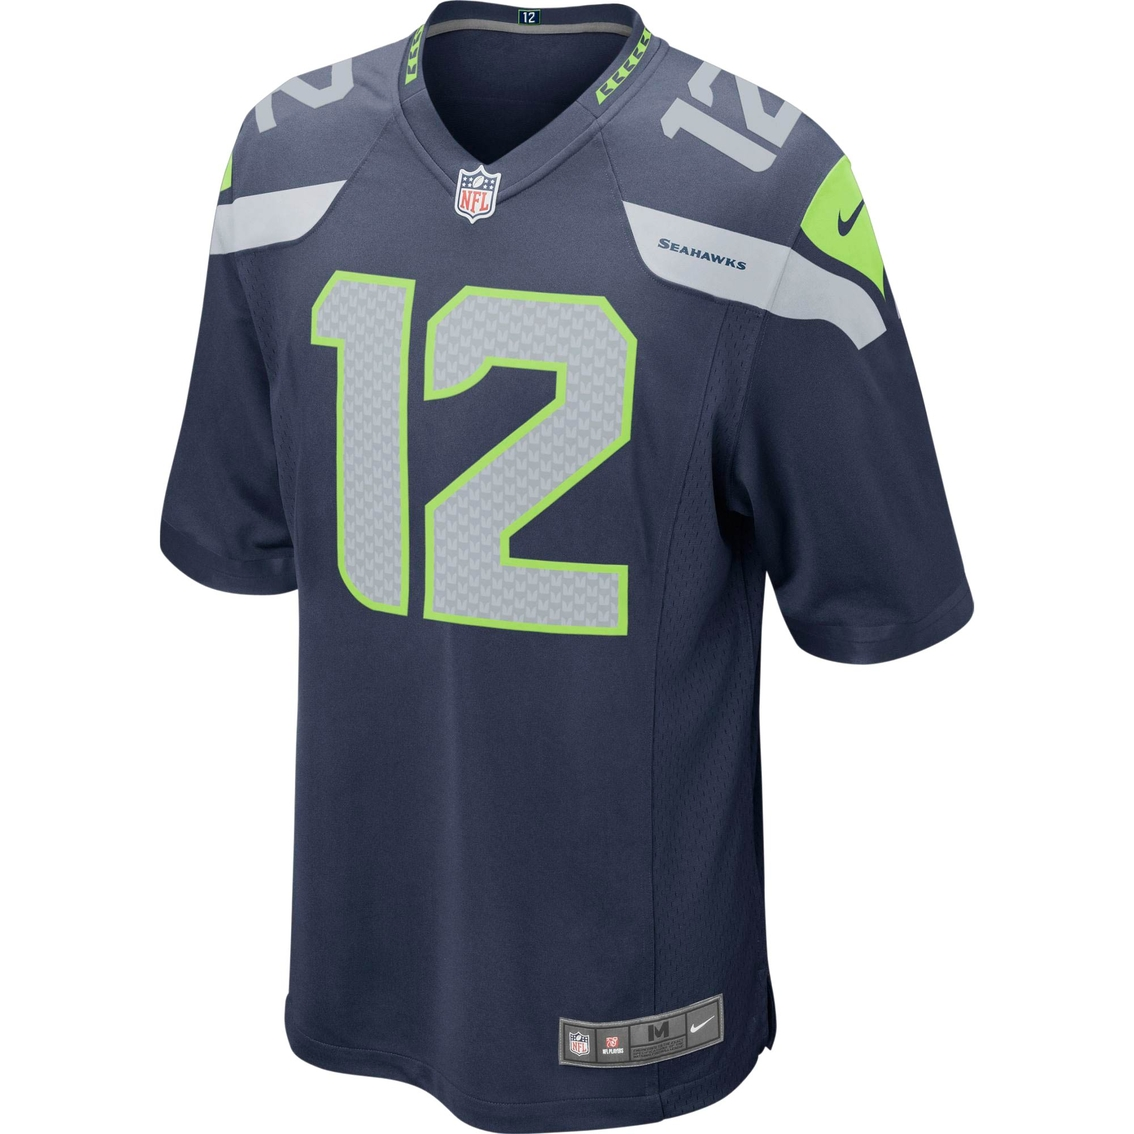 brand new 85b7a ab876 Nike Nfl Seattle Seahawks Fan Game Jersey | Jerseys | Sports ...